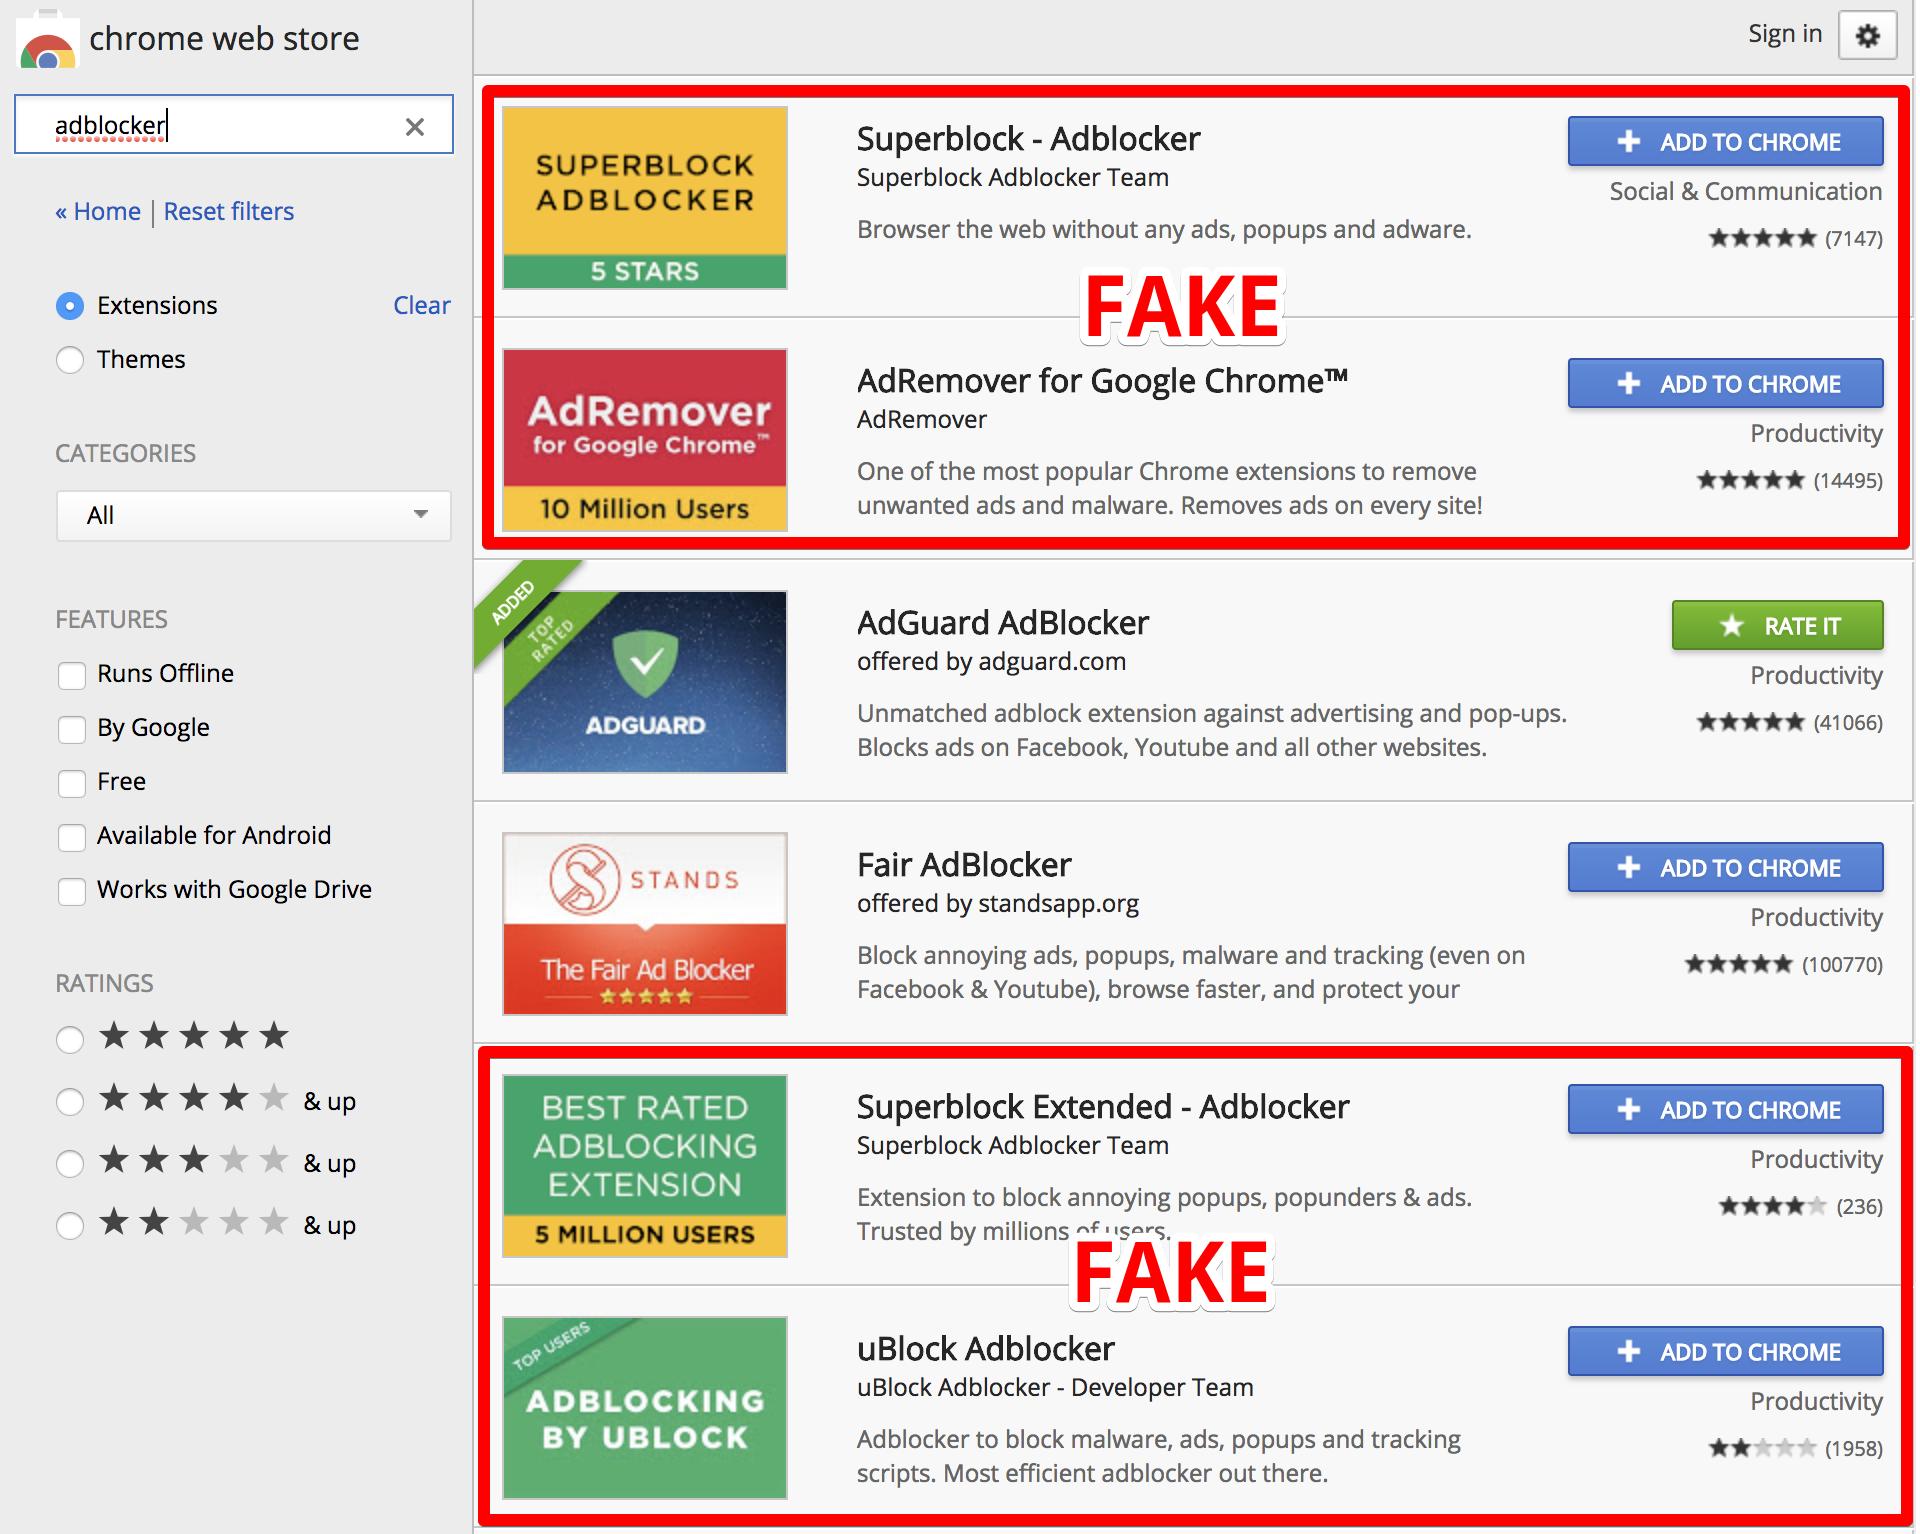 Google внедрит новые правила магазина Chrome web store. В итоге из магазина могут пропасть тысячи расширений